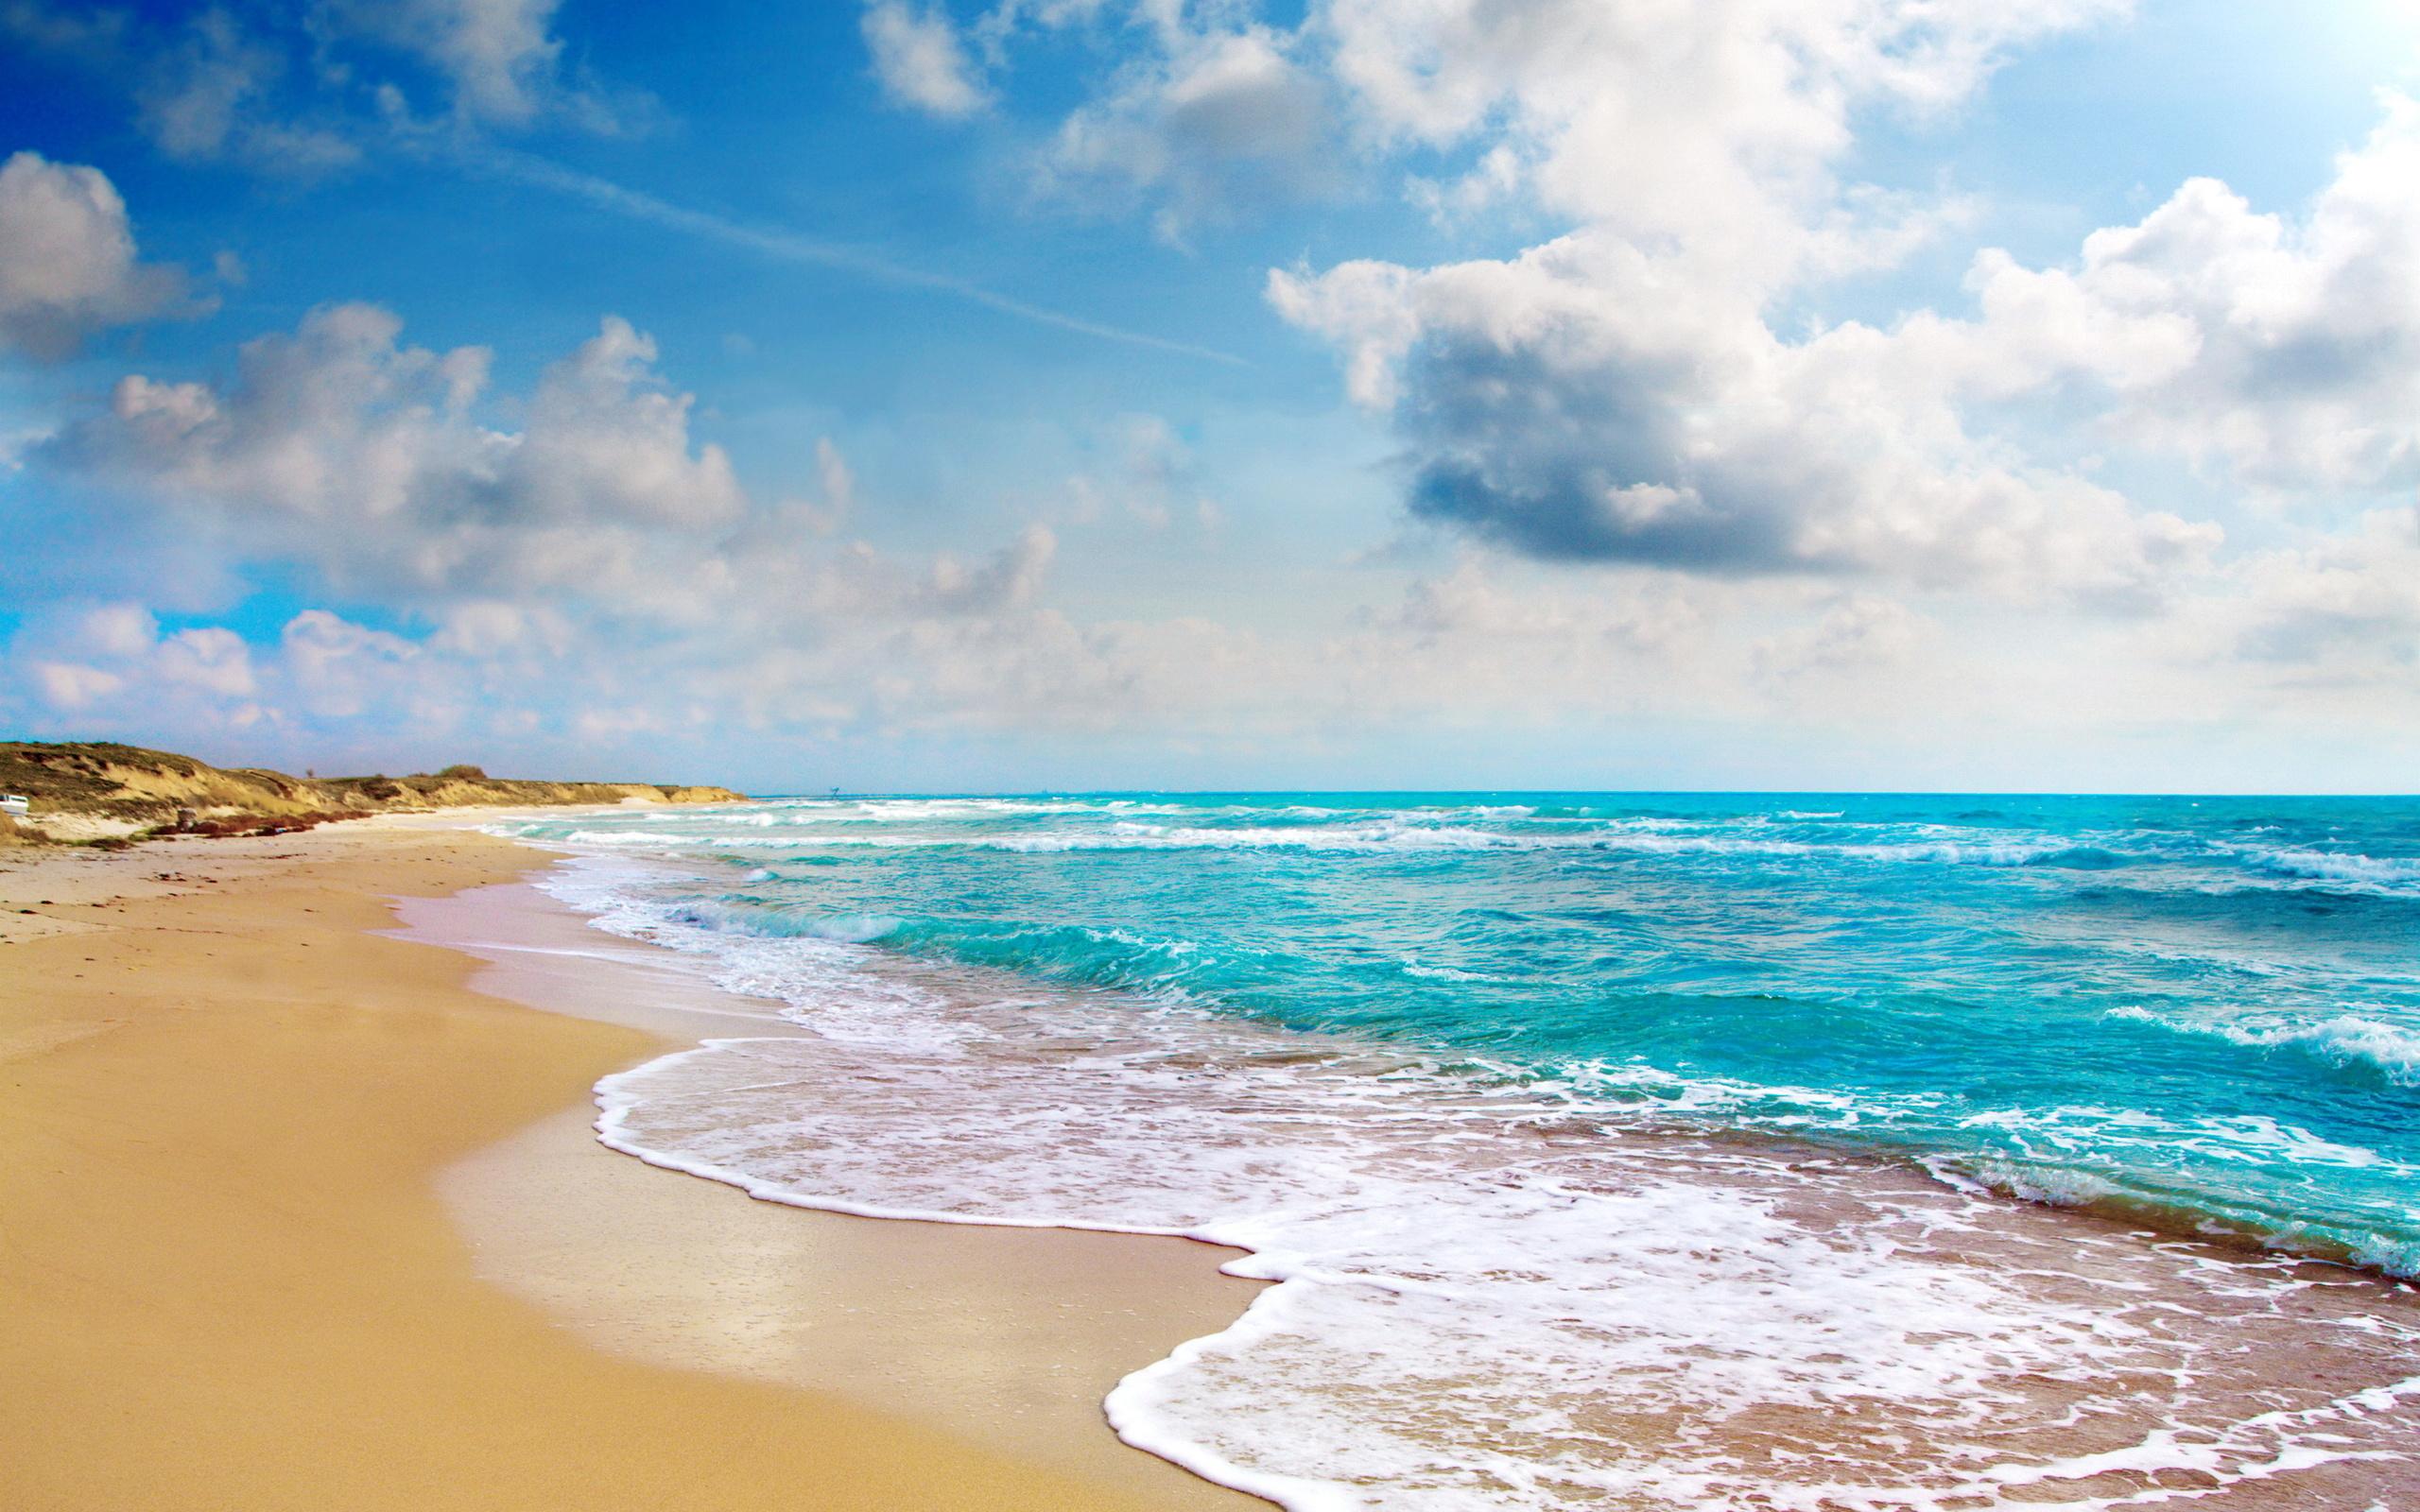 Картинка солнечного дня на море, дедушку